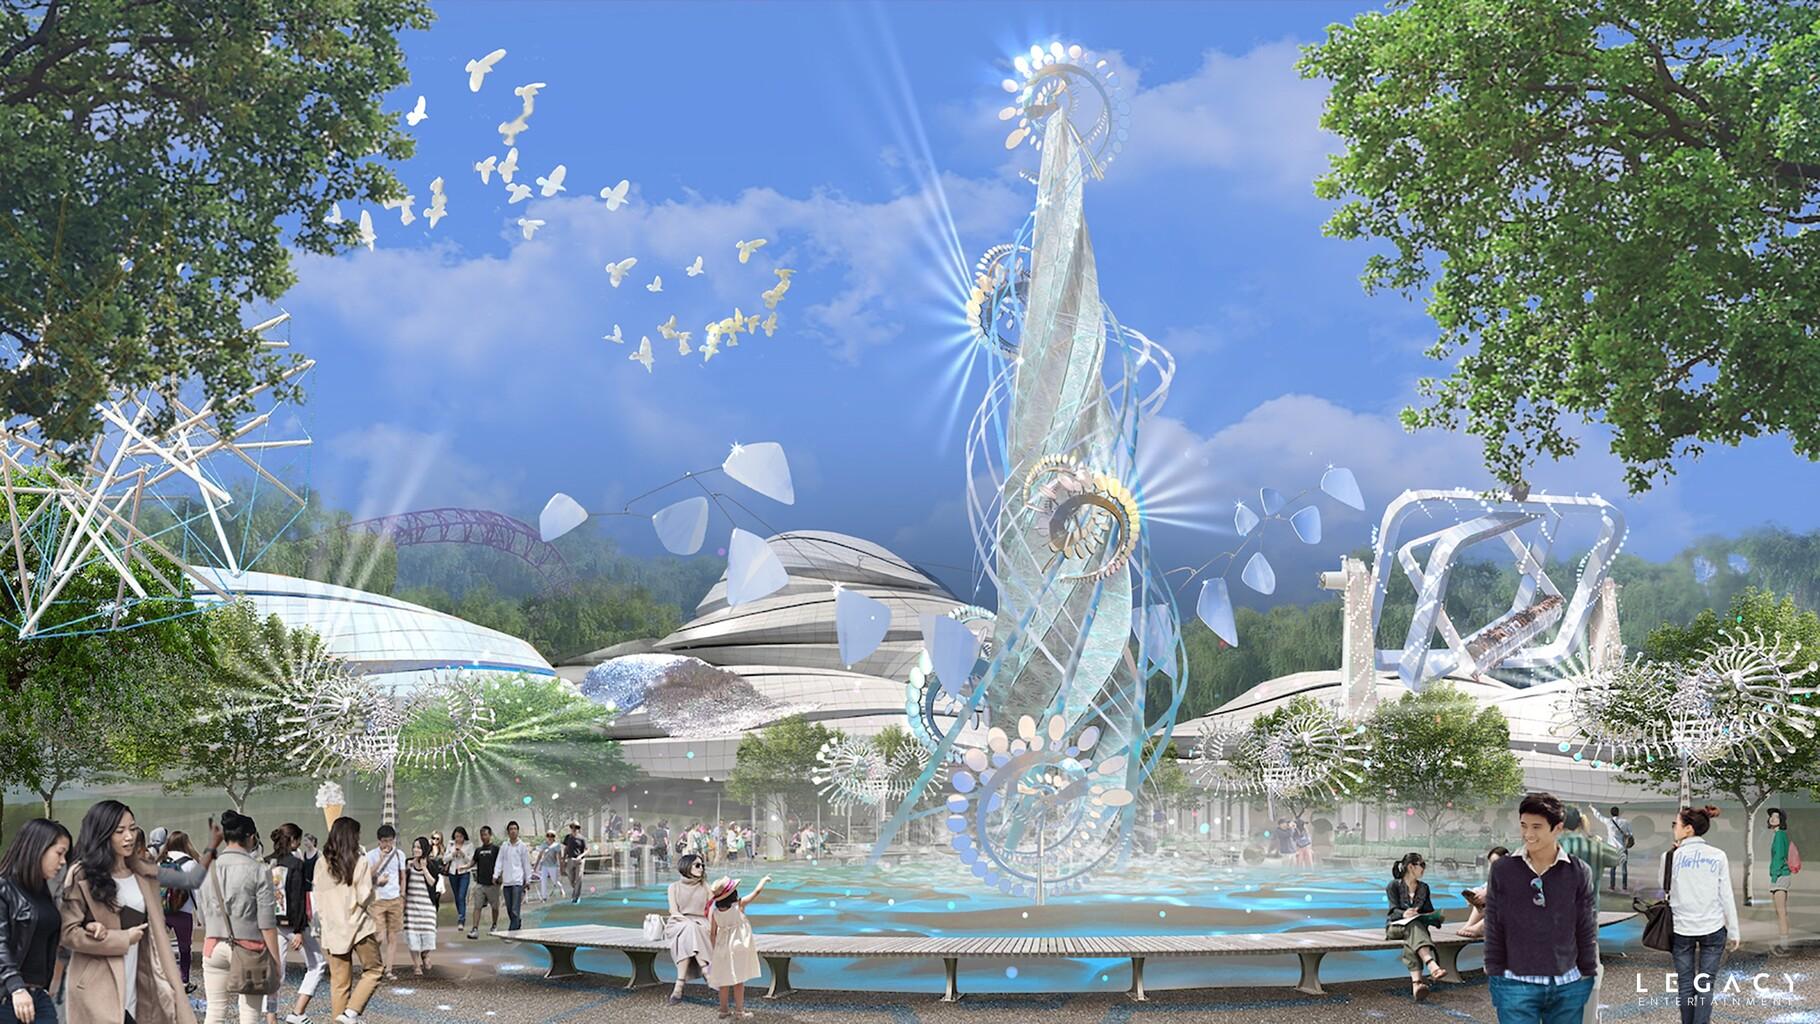 hangzhou-bay-sunac-tourism-city-29906600.jpeg